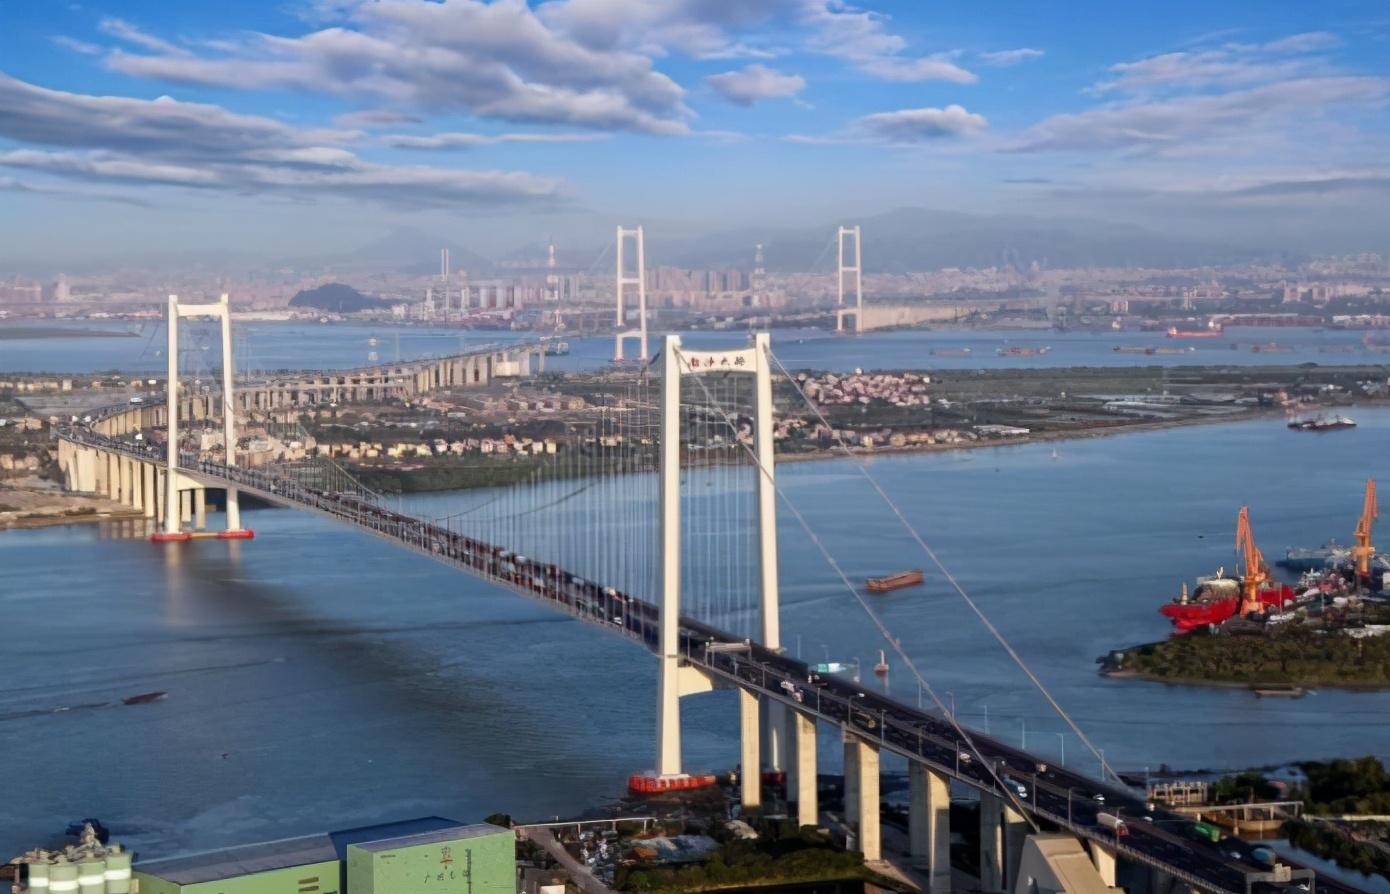 许家印投1200亿,王建林投800亿,这座锦鲤城市有何魅力